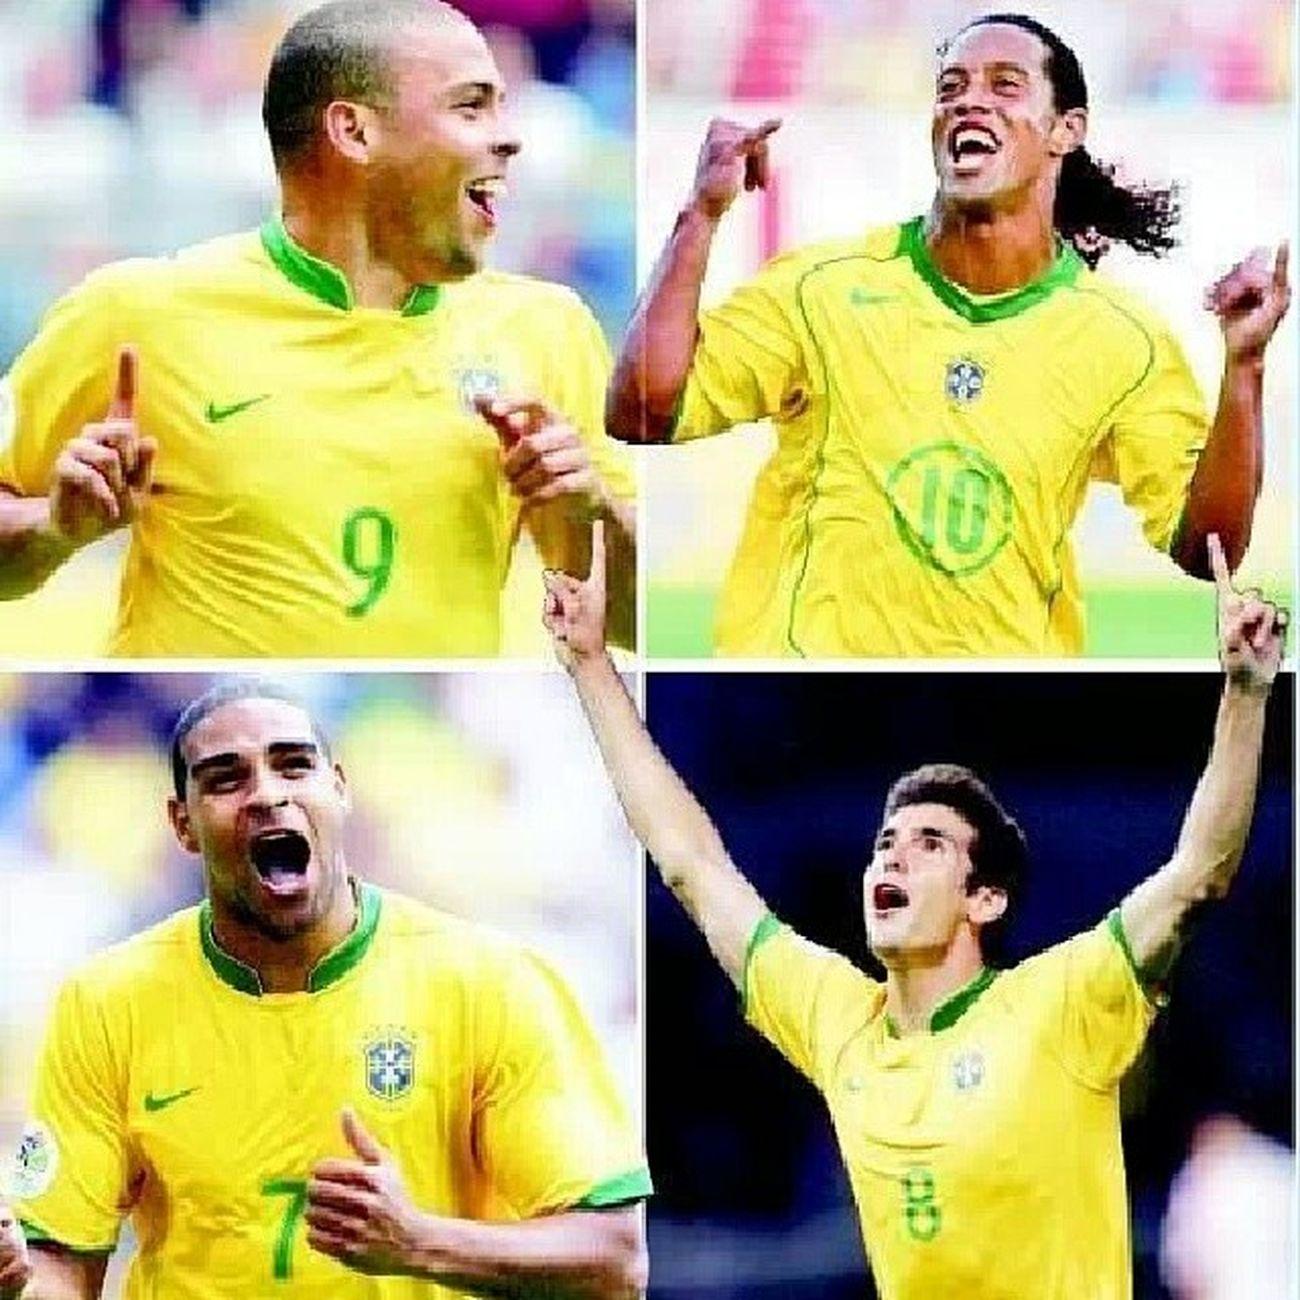 Que tiempos Ronaldo Ronaldinho  Adriano Kaká ??❤⚽